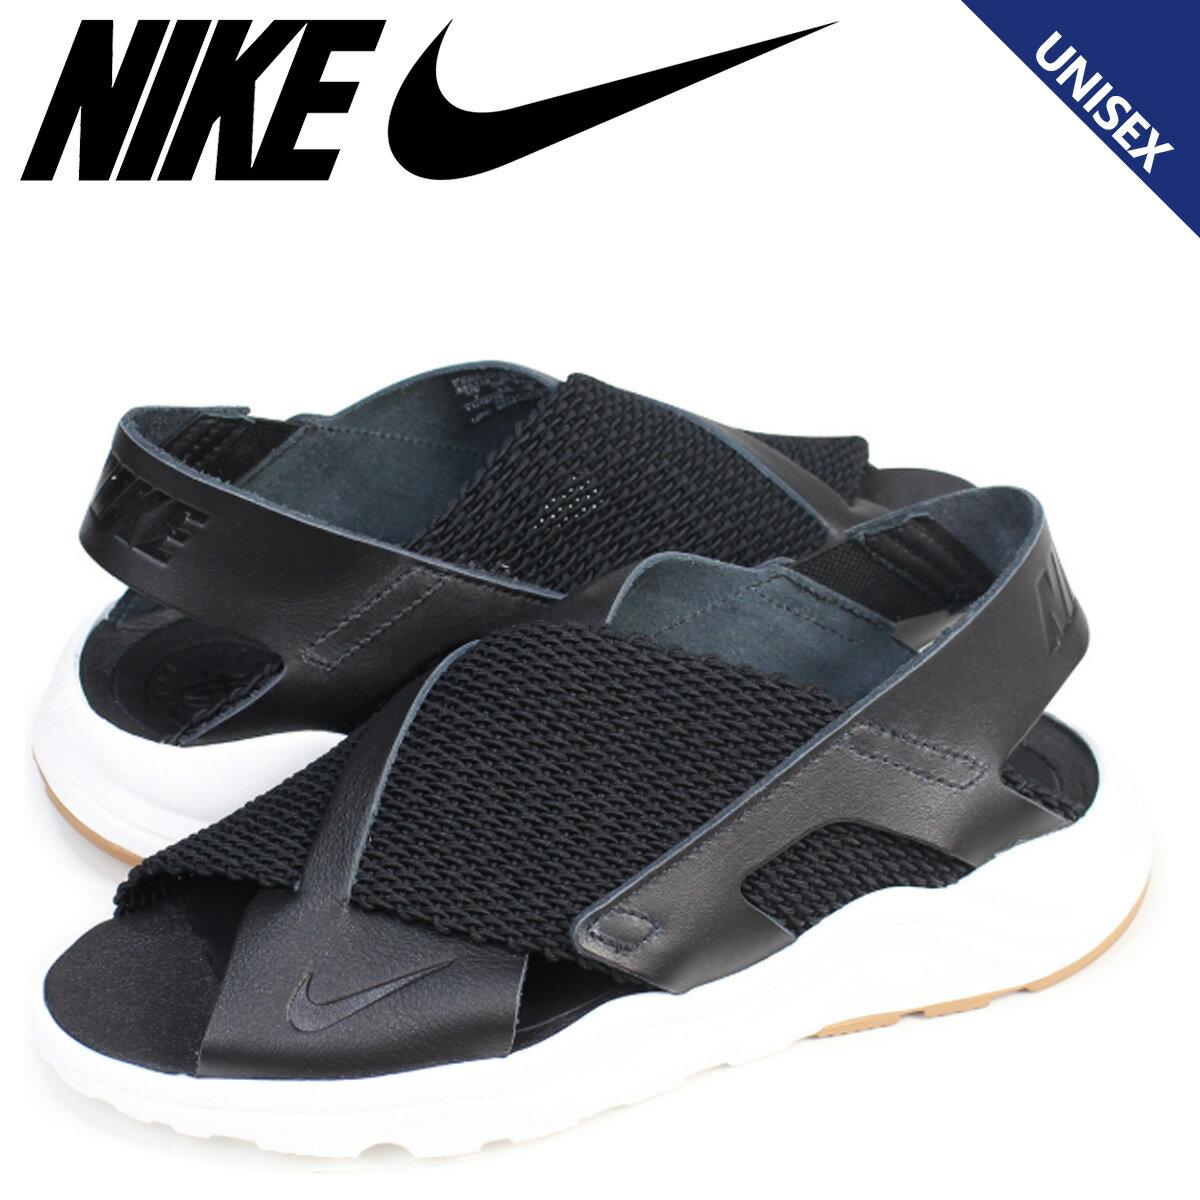 ナイキ NIKE エアハラチ ウルトラ レディース メンズ サンダル  W AIR HUARACHE ULTRA  885118-001 靴 ブラック